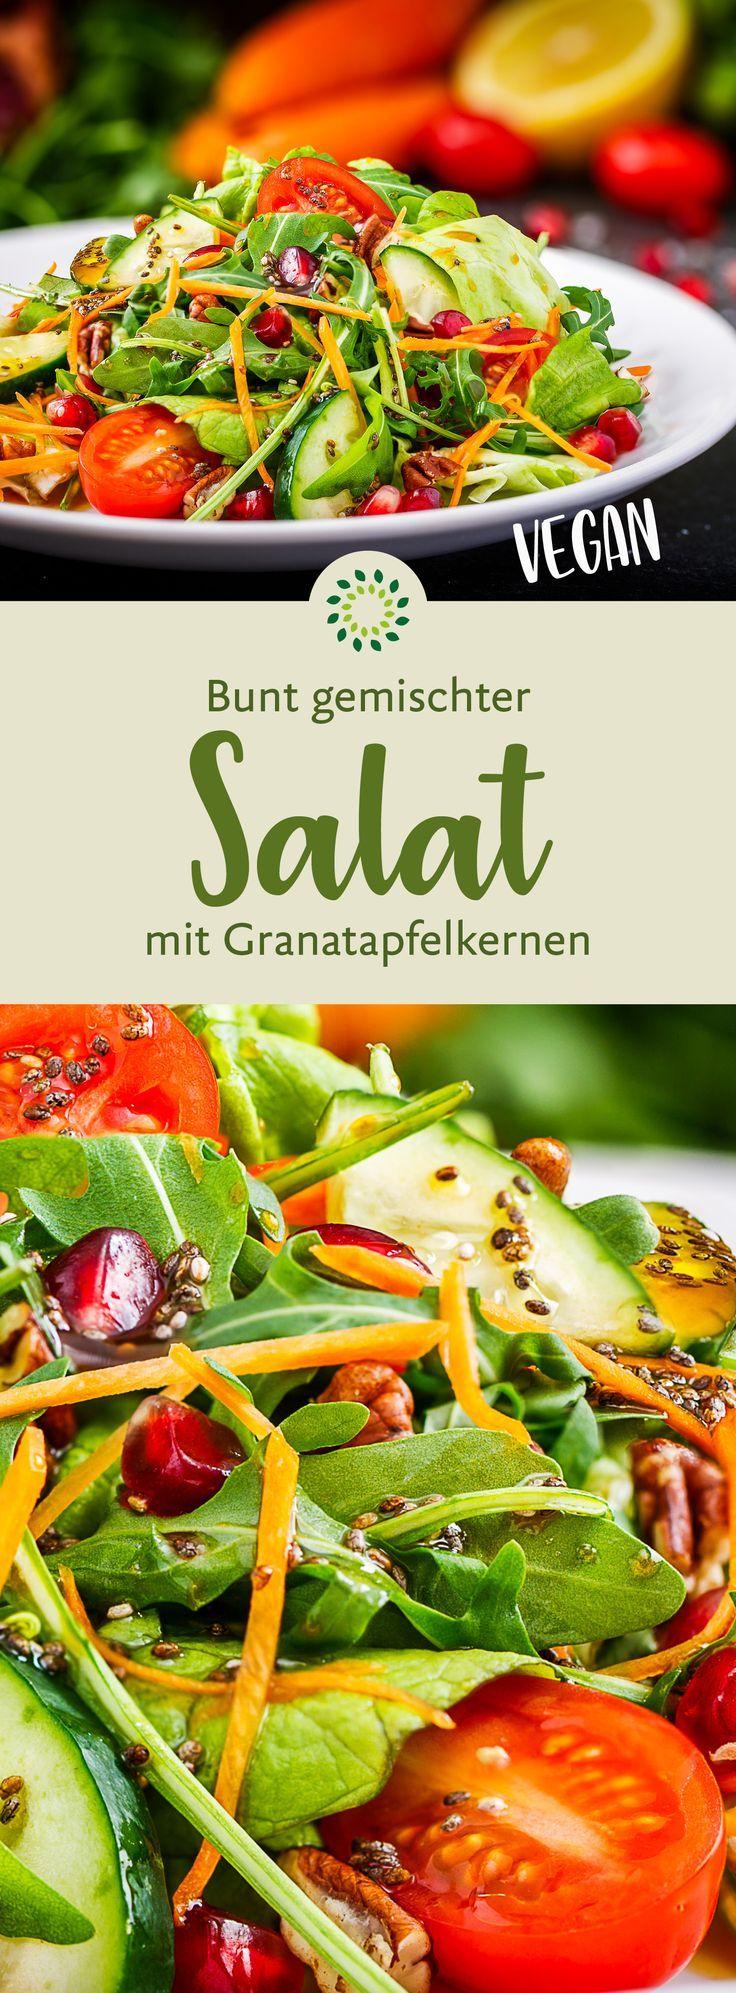 Bunter Salat mit Granatapfelkernen - basisch